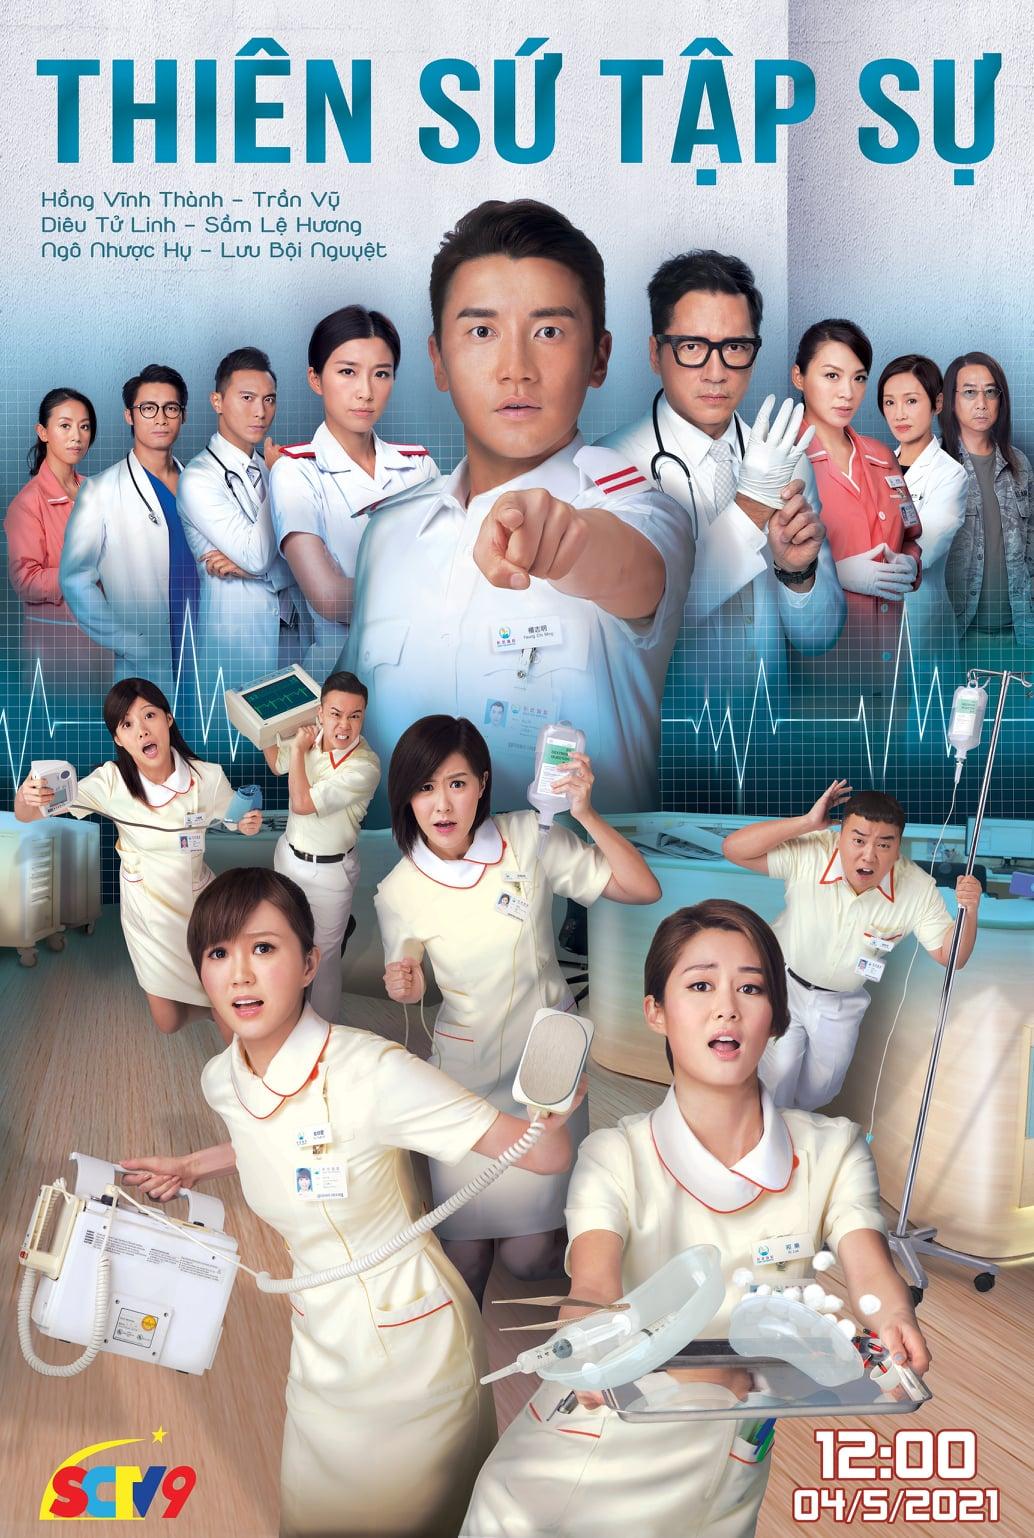 Thiên Sứ Tập Sự - SCTV9 (2021)